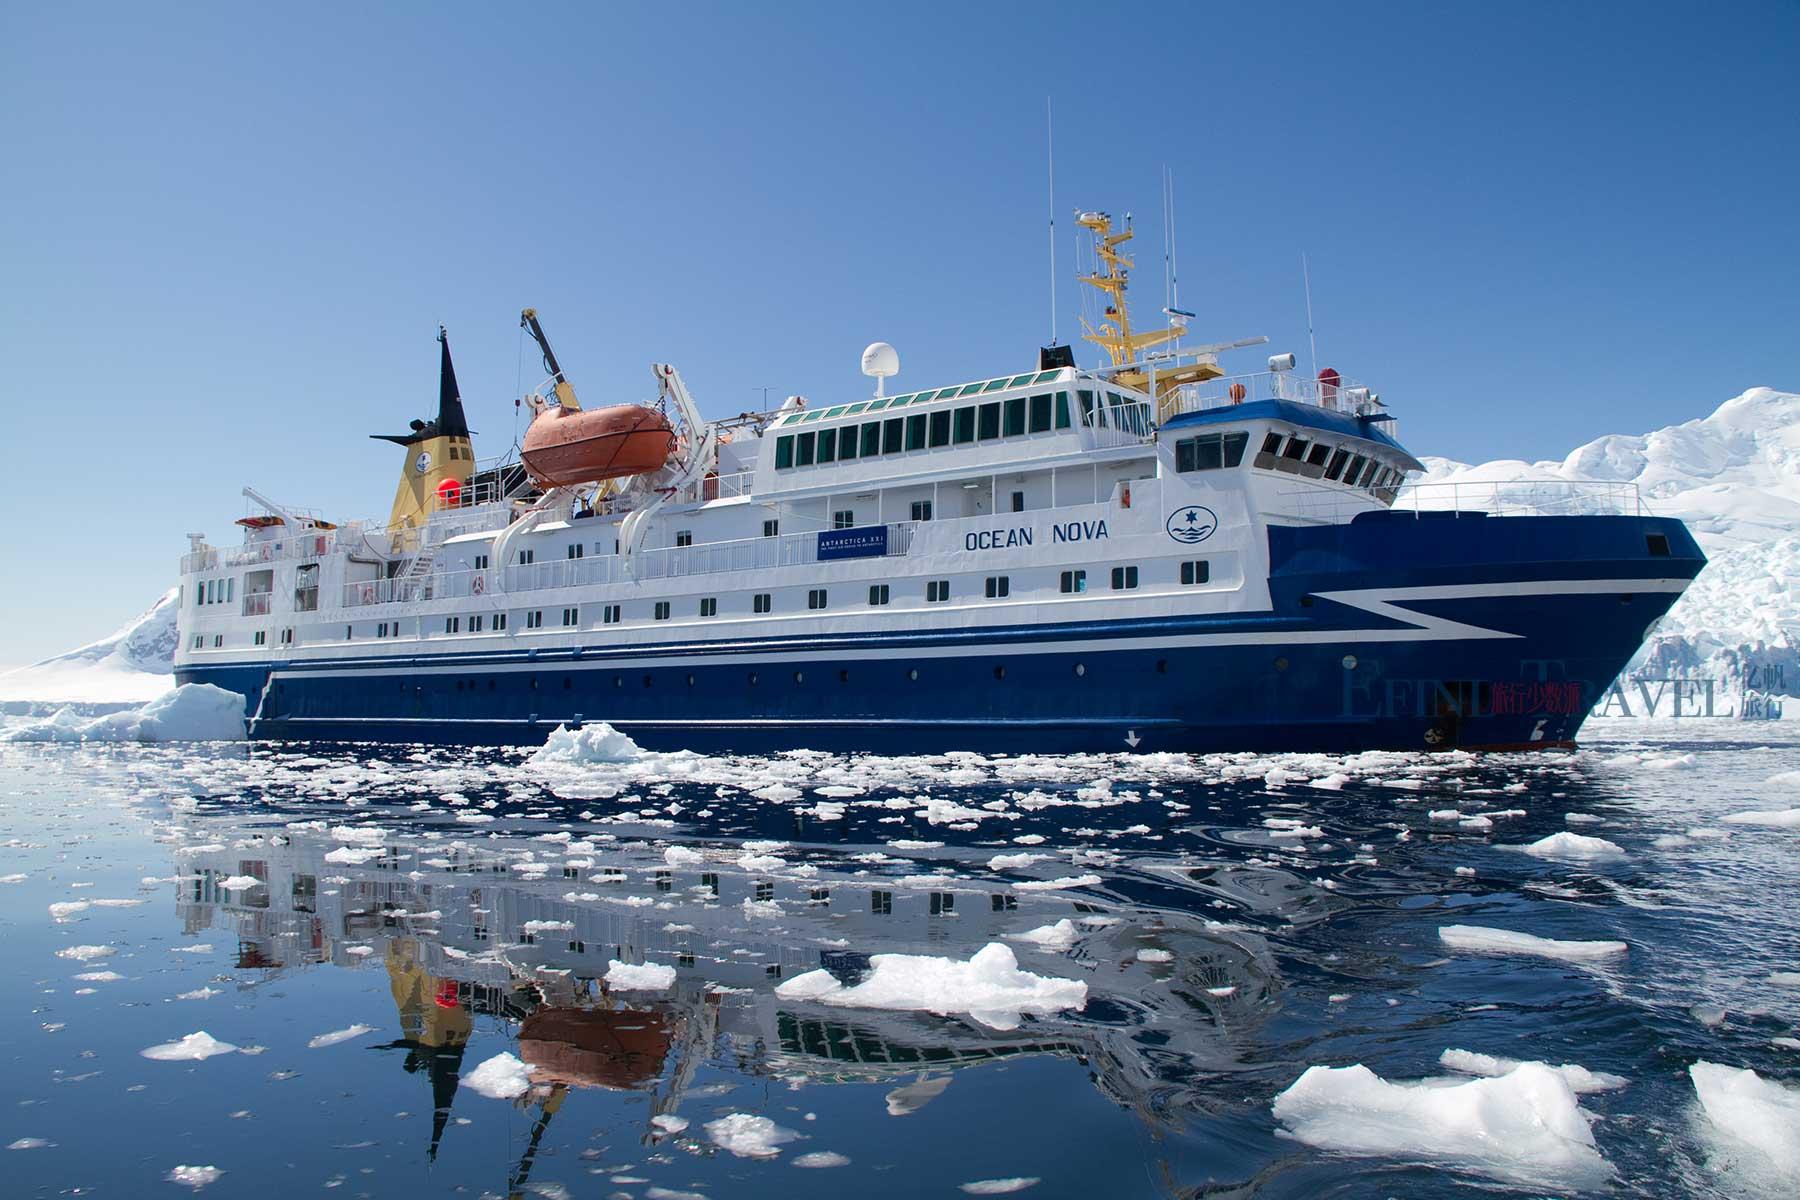 海洋新星号南极小型探险游轮